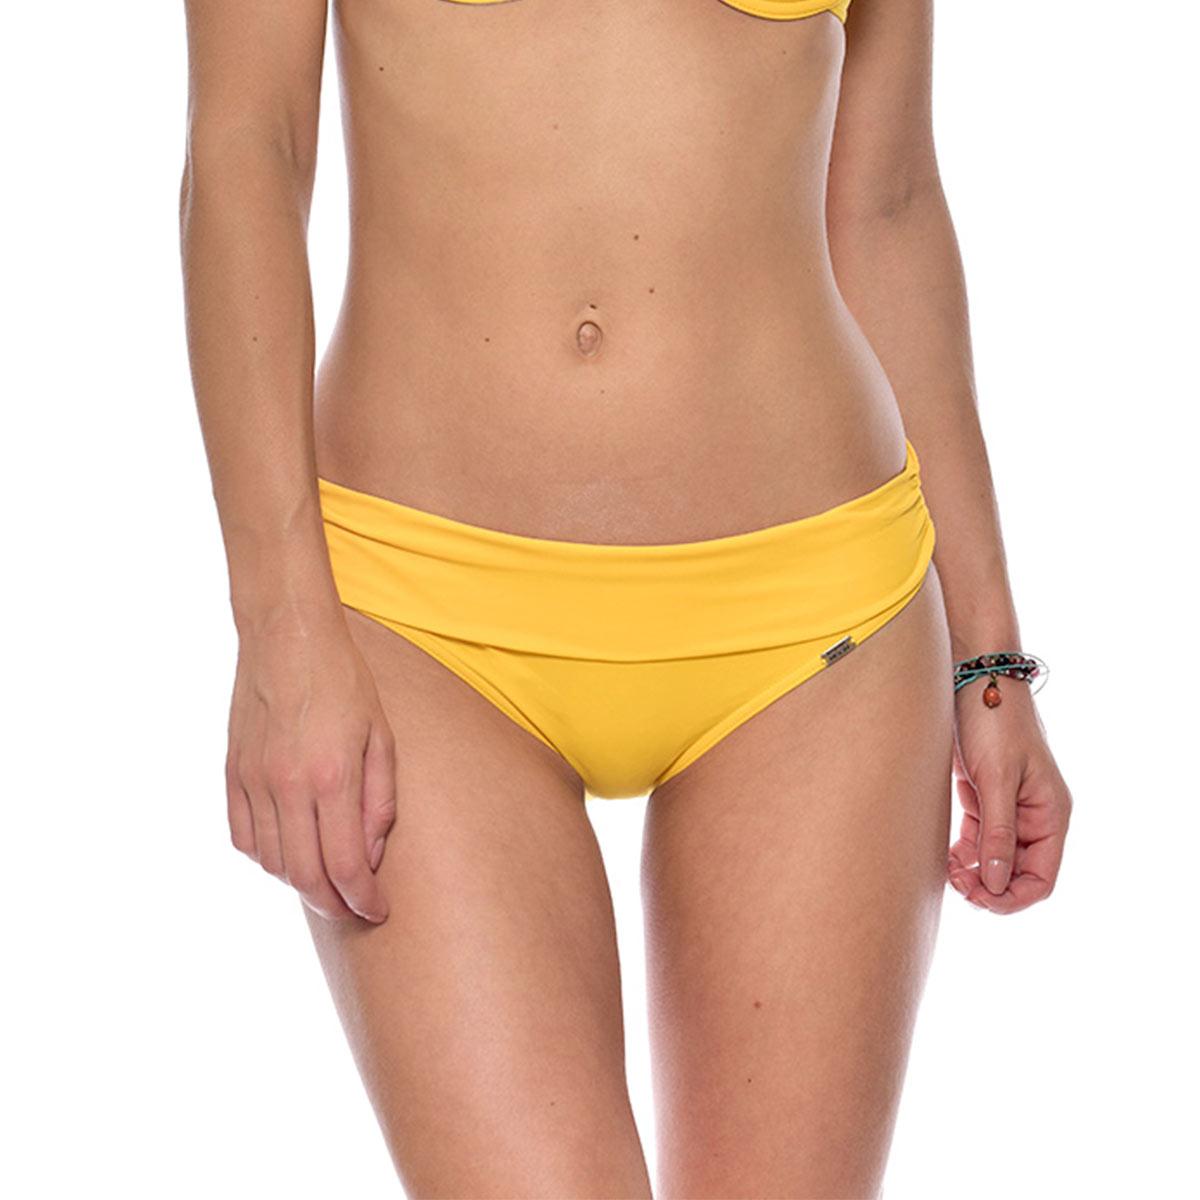 Maillot de bain culotte jaune à revers Spring (Bas)